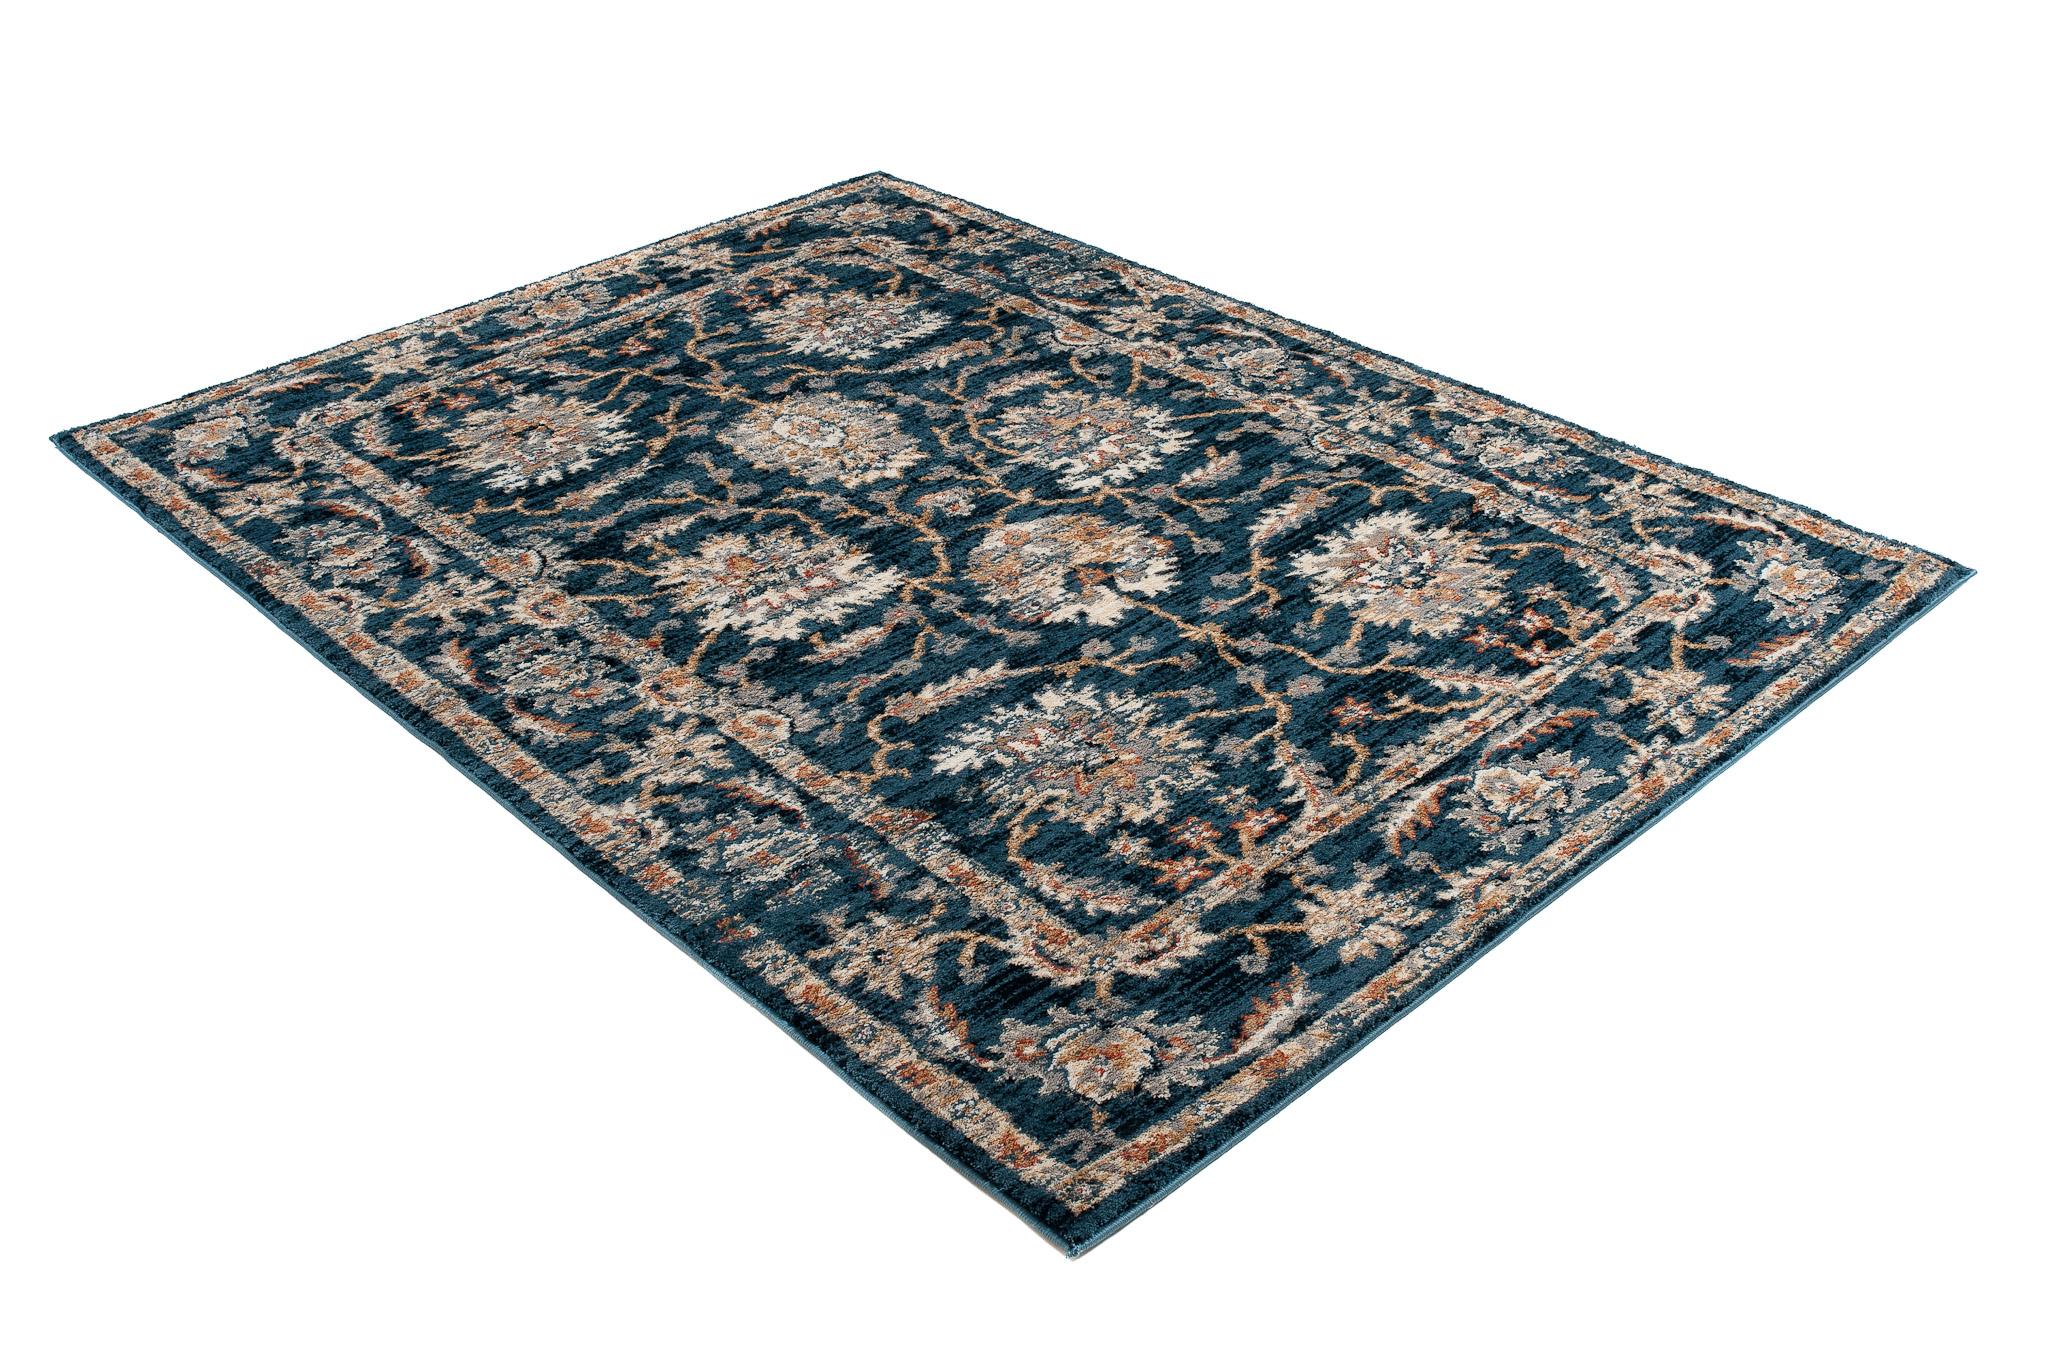 Teppich Orient Perser Blau Hochflor 20 mm mm mm 80x150 120x170 160x230 XXL Wohnzimmer 08ddde